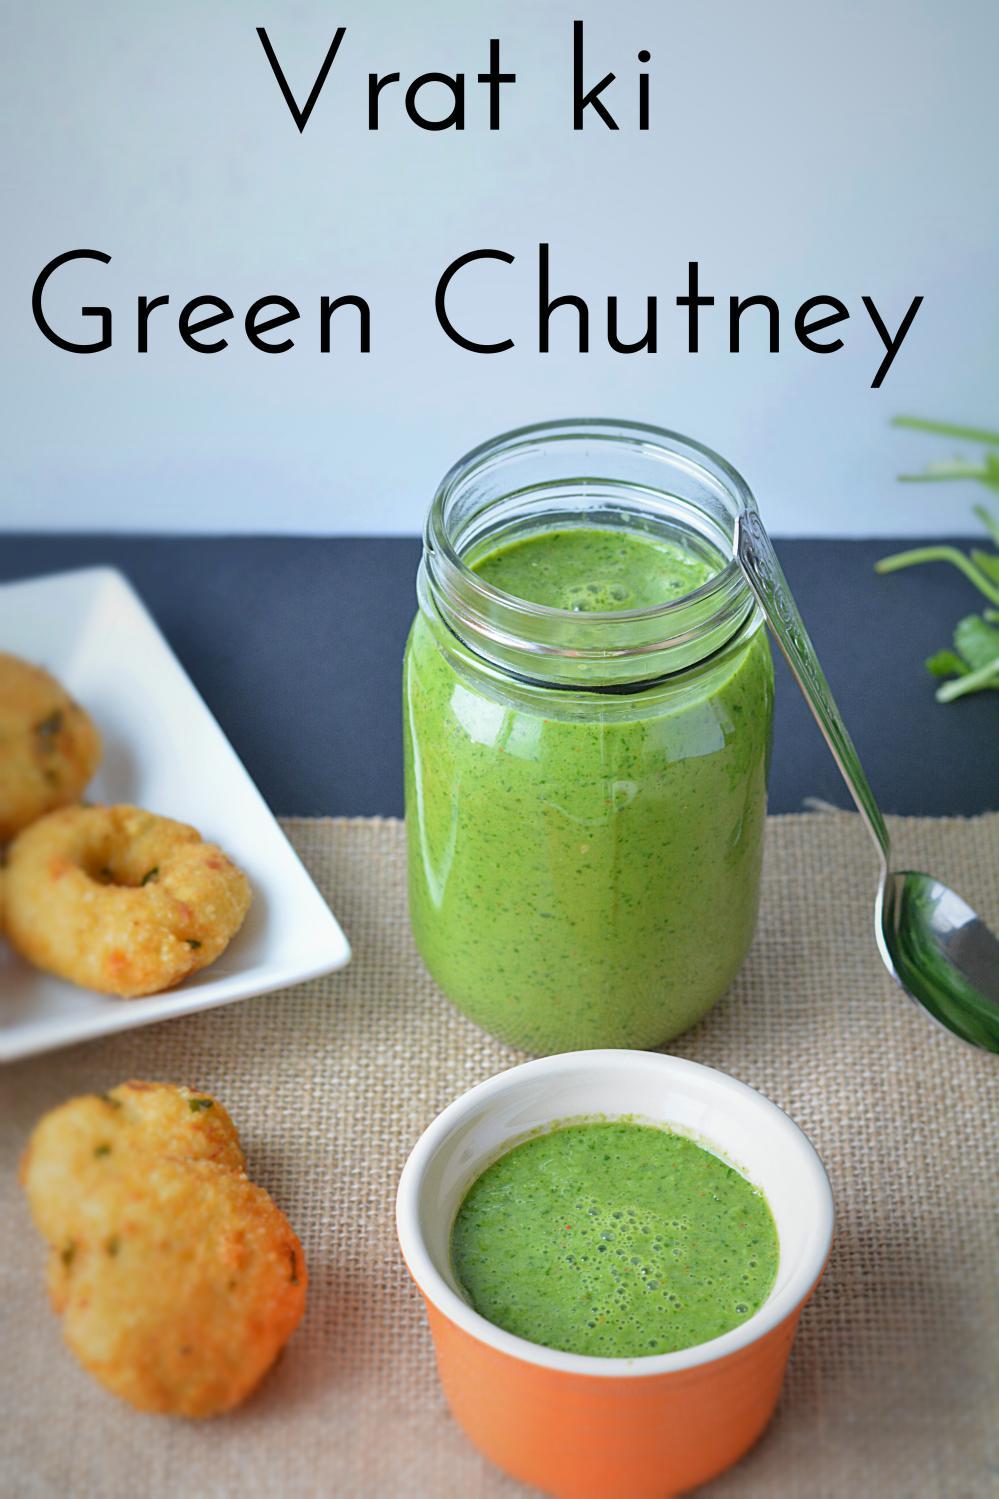 Vrat ki Green Chutney